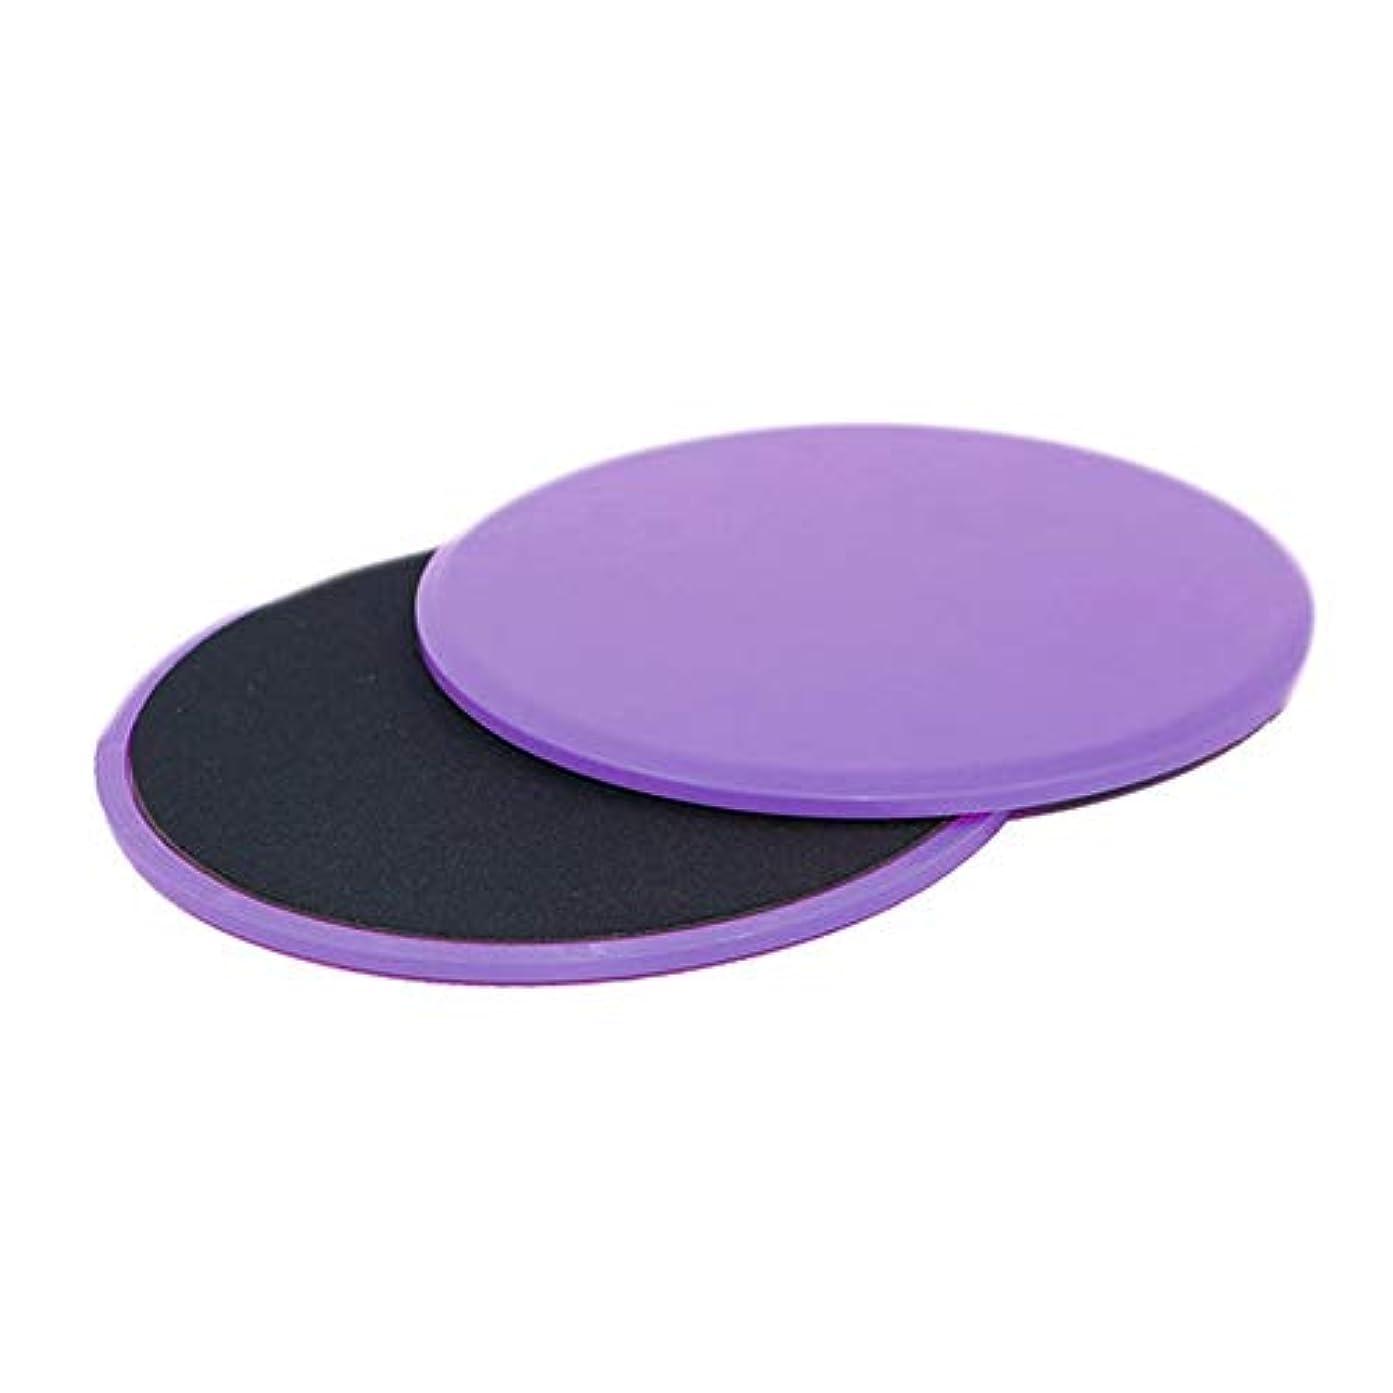 前部エンドテーブル誠意フィットネススライドグライディングディスク調整能力フィットネスエクササイズスライダーコアトレーニング腹部と全身トレーニング - パープル